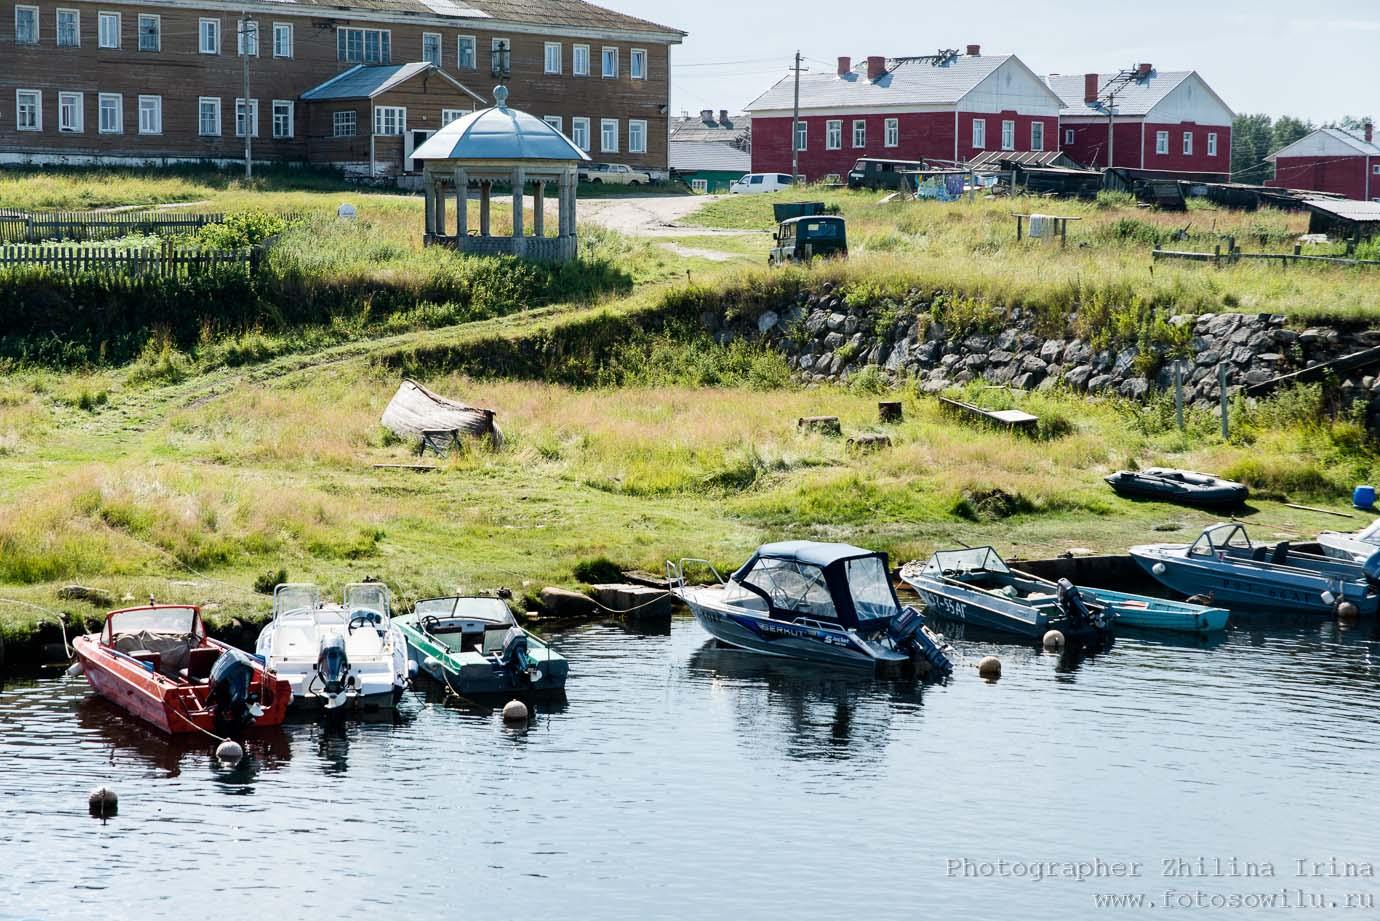 Большой Соловецкйи остров, Соловки, что смотреть на Соловках, как доехать до Соловков, поездки по России, что смотреть в России, куда поехать отдыхать, Соловки